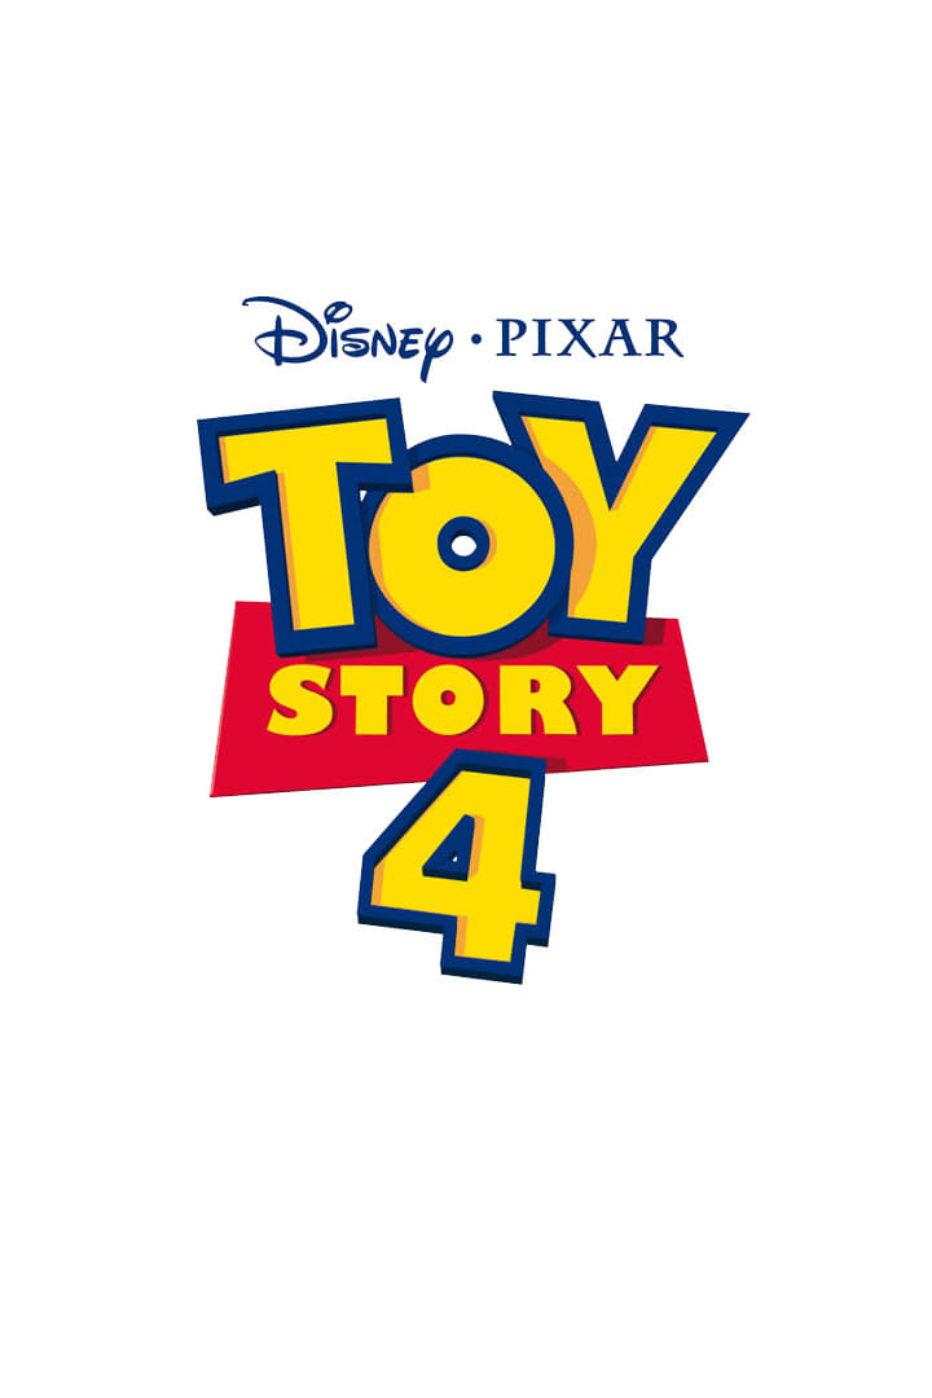 Nuevo teaser de Toy Story 4! Siguen saliendo nuevos personajes!